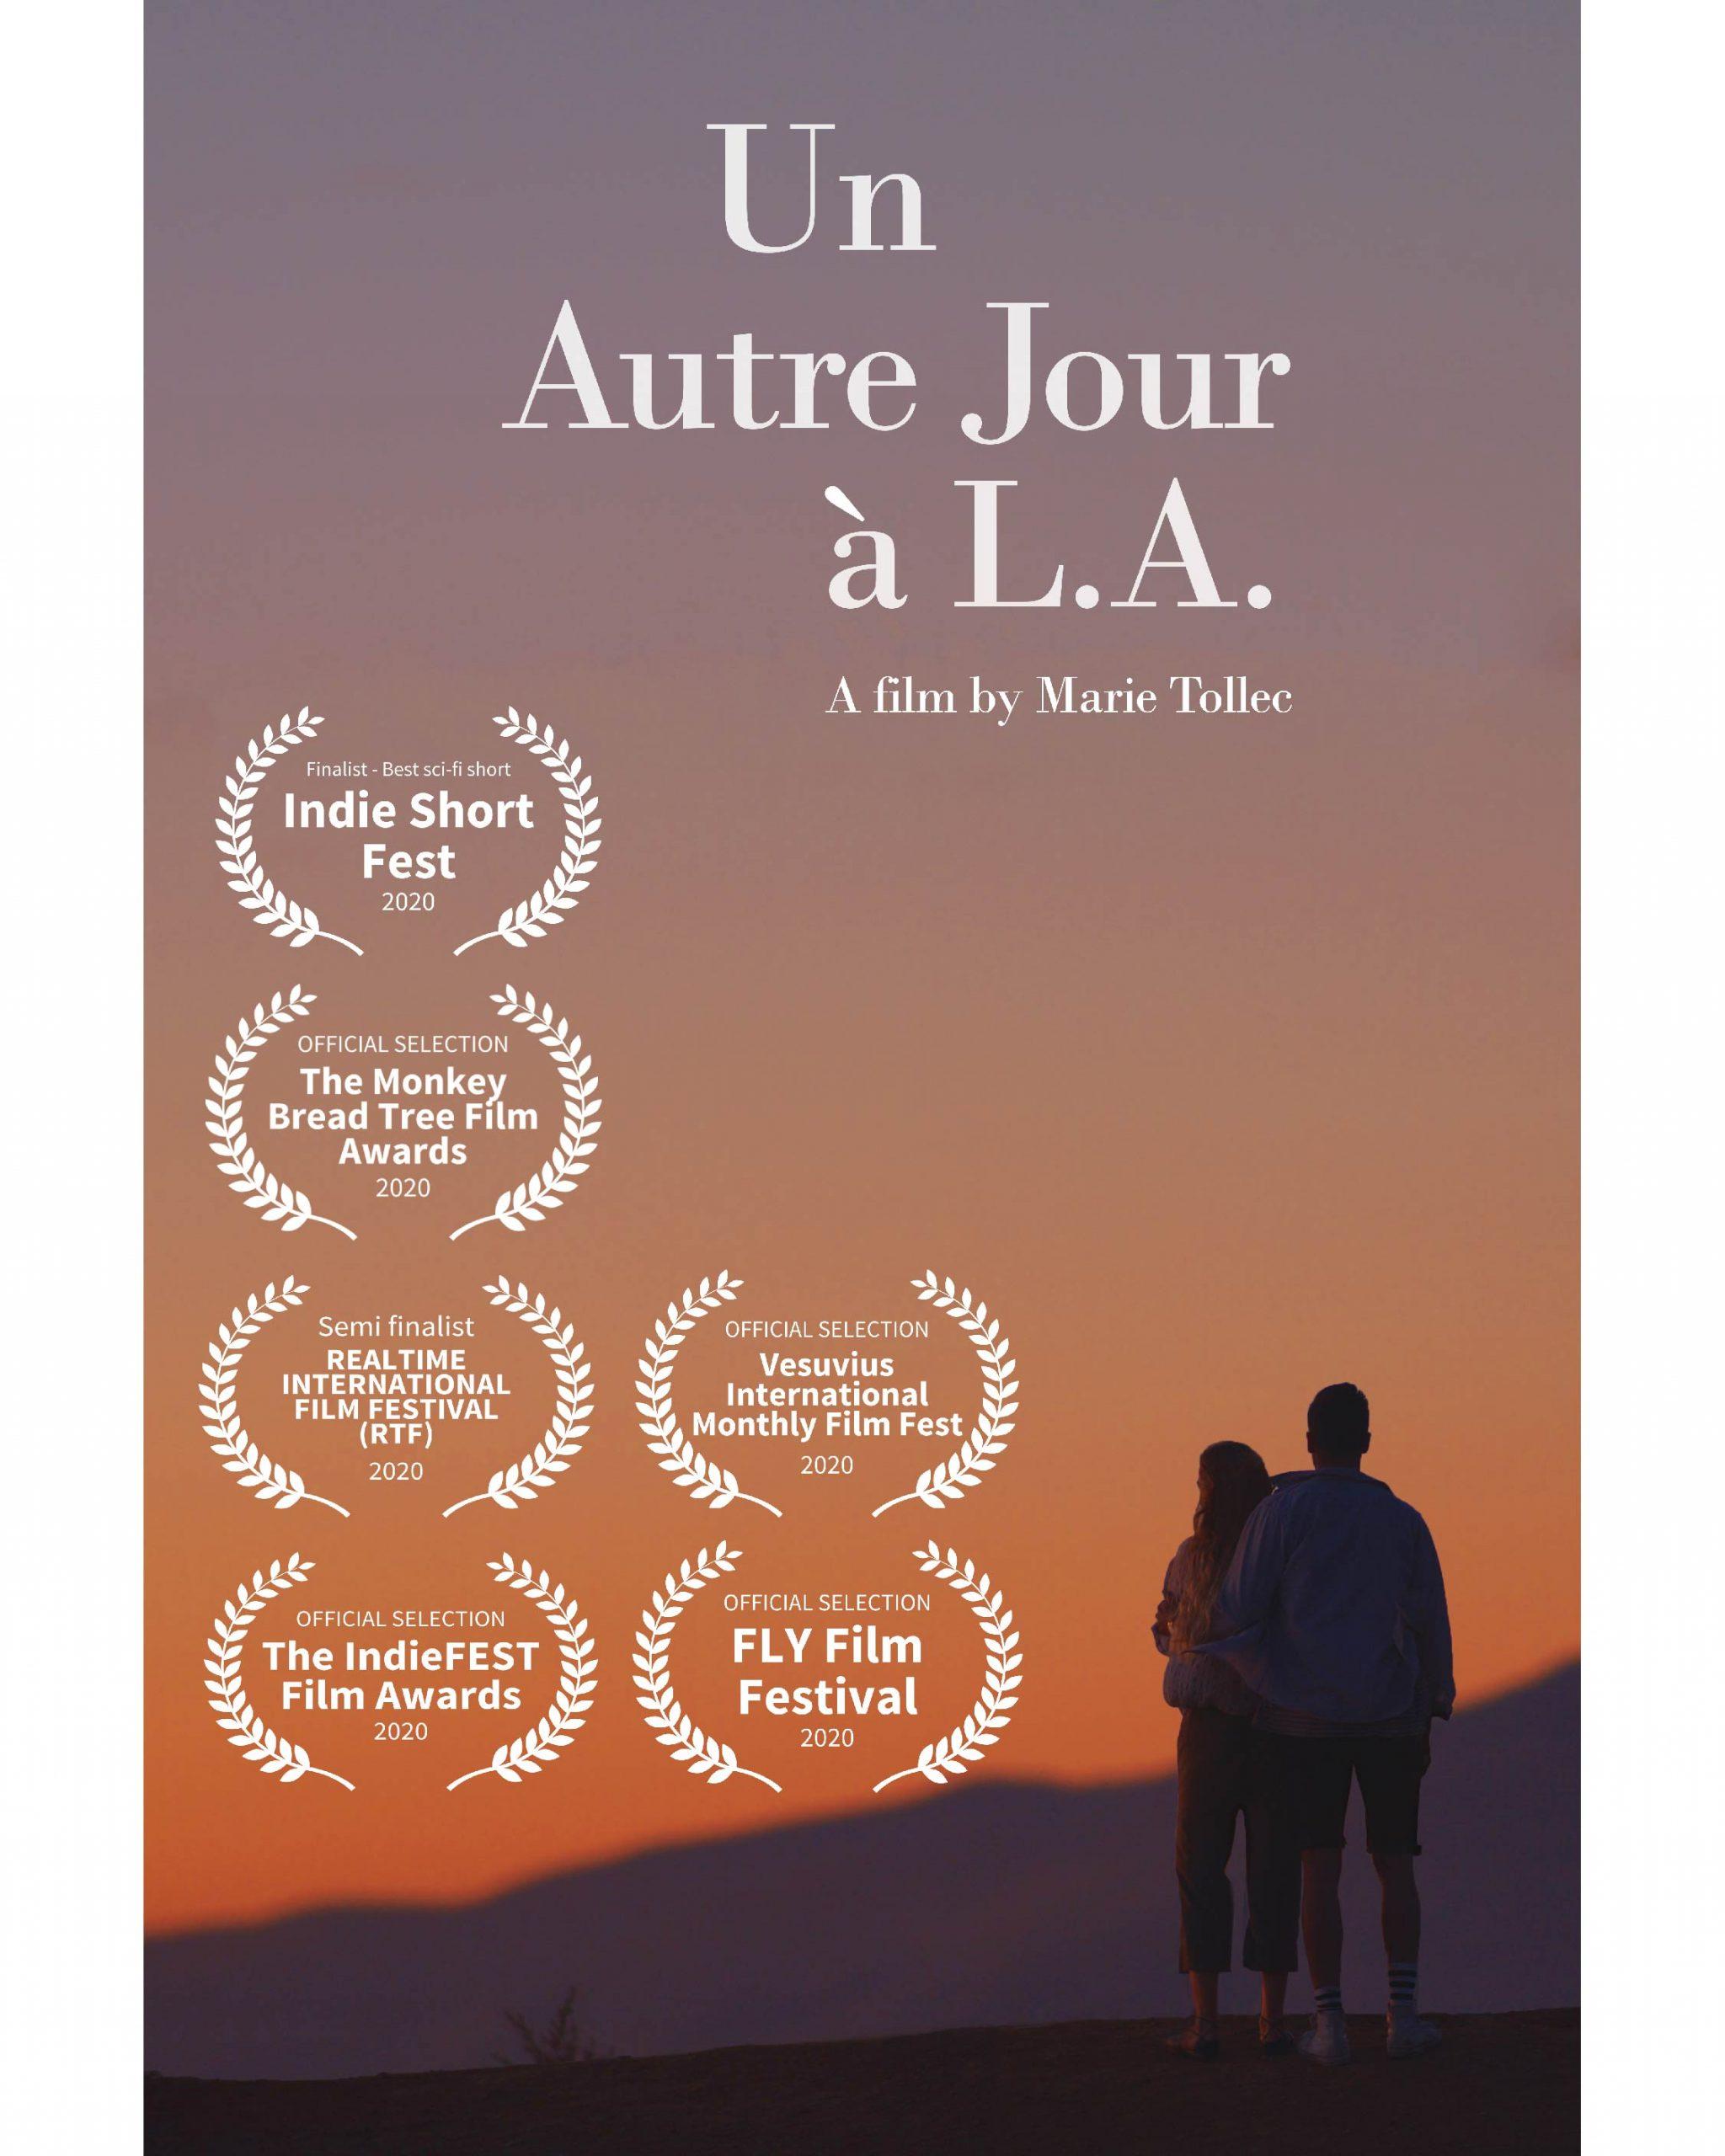 hexagon film festival un autre jour a LA